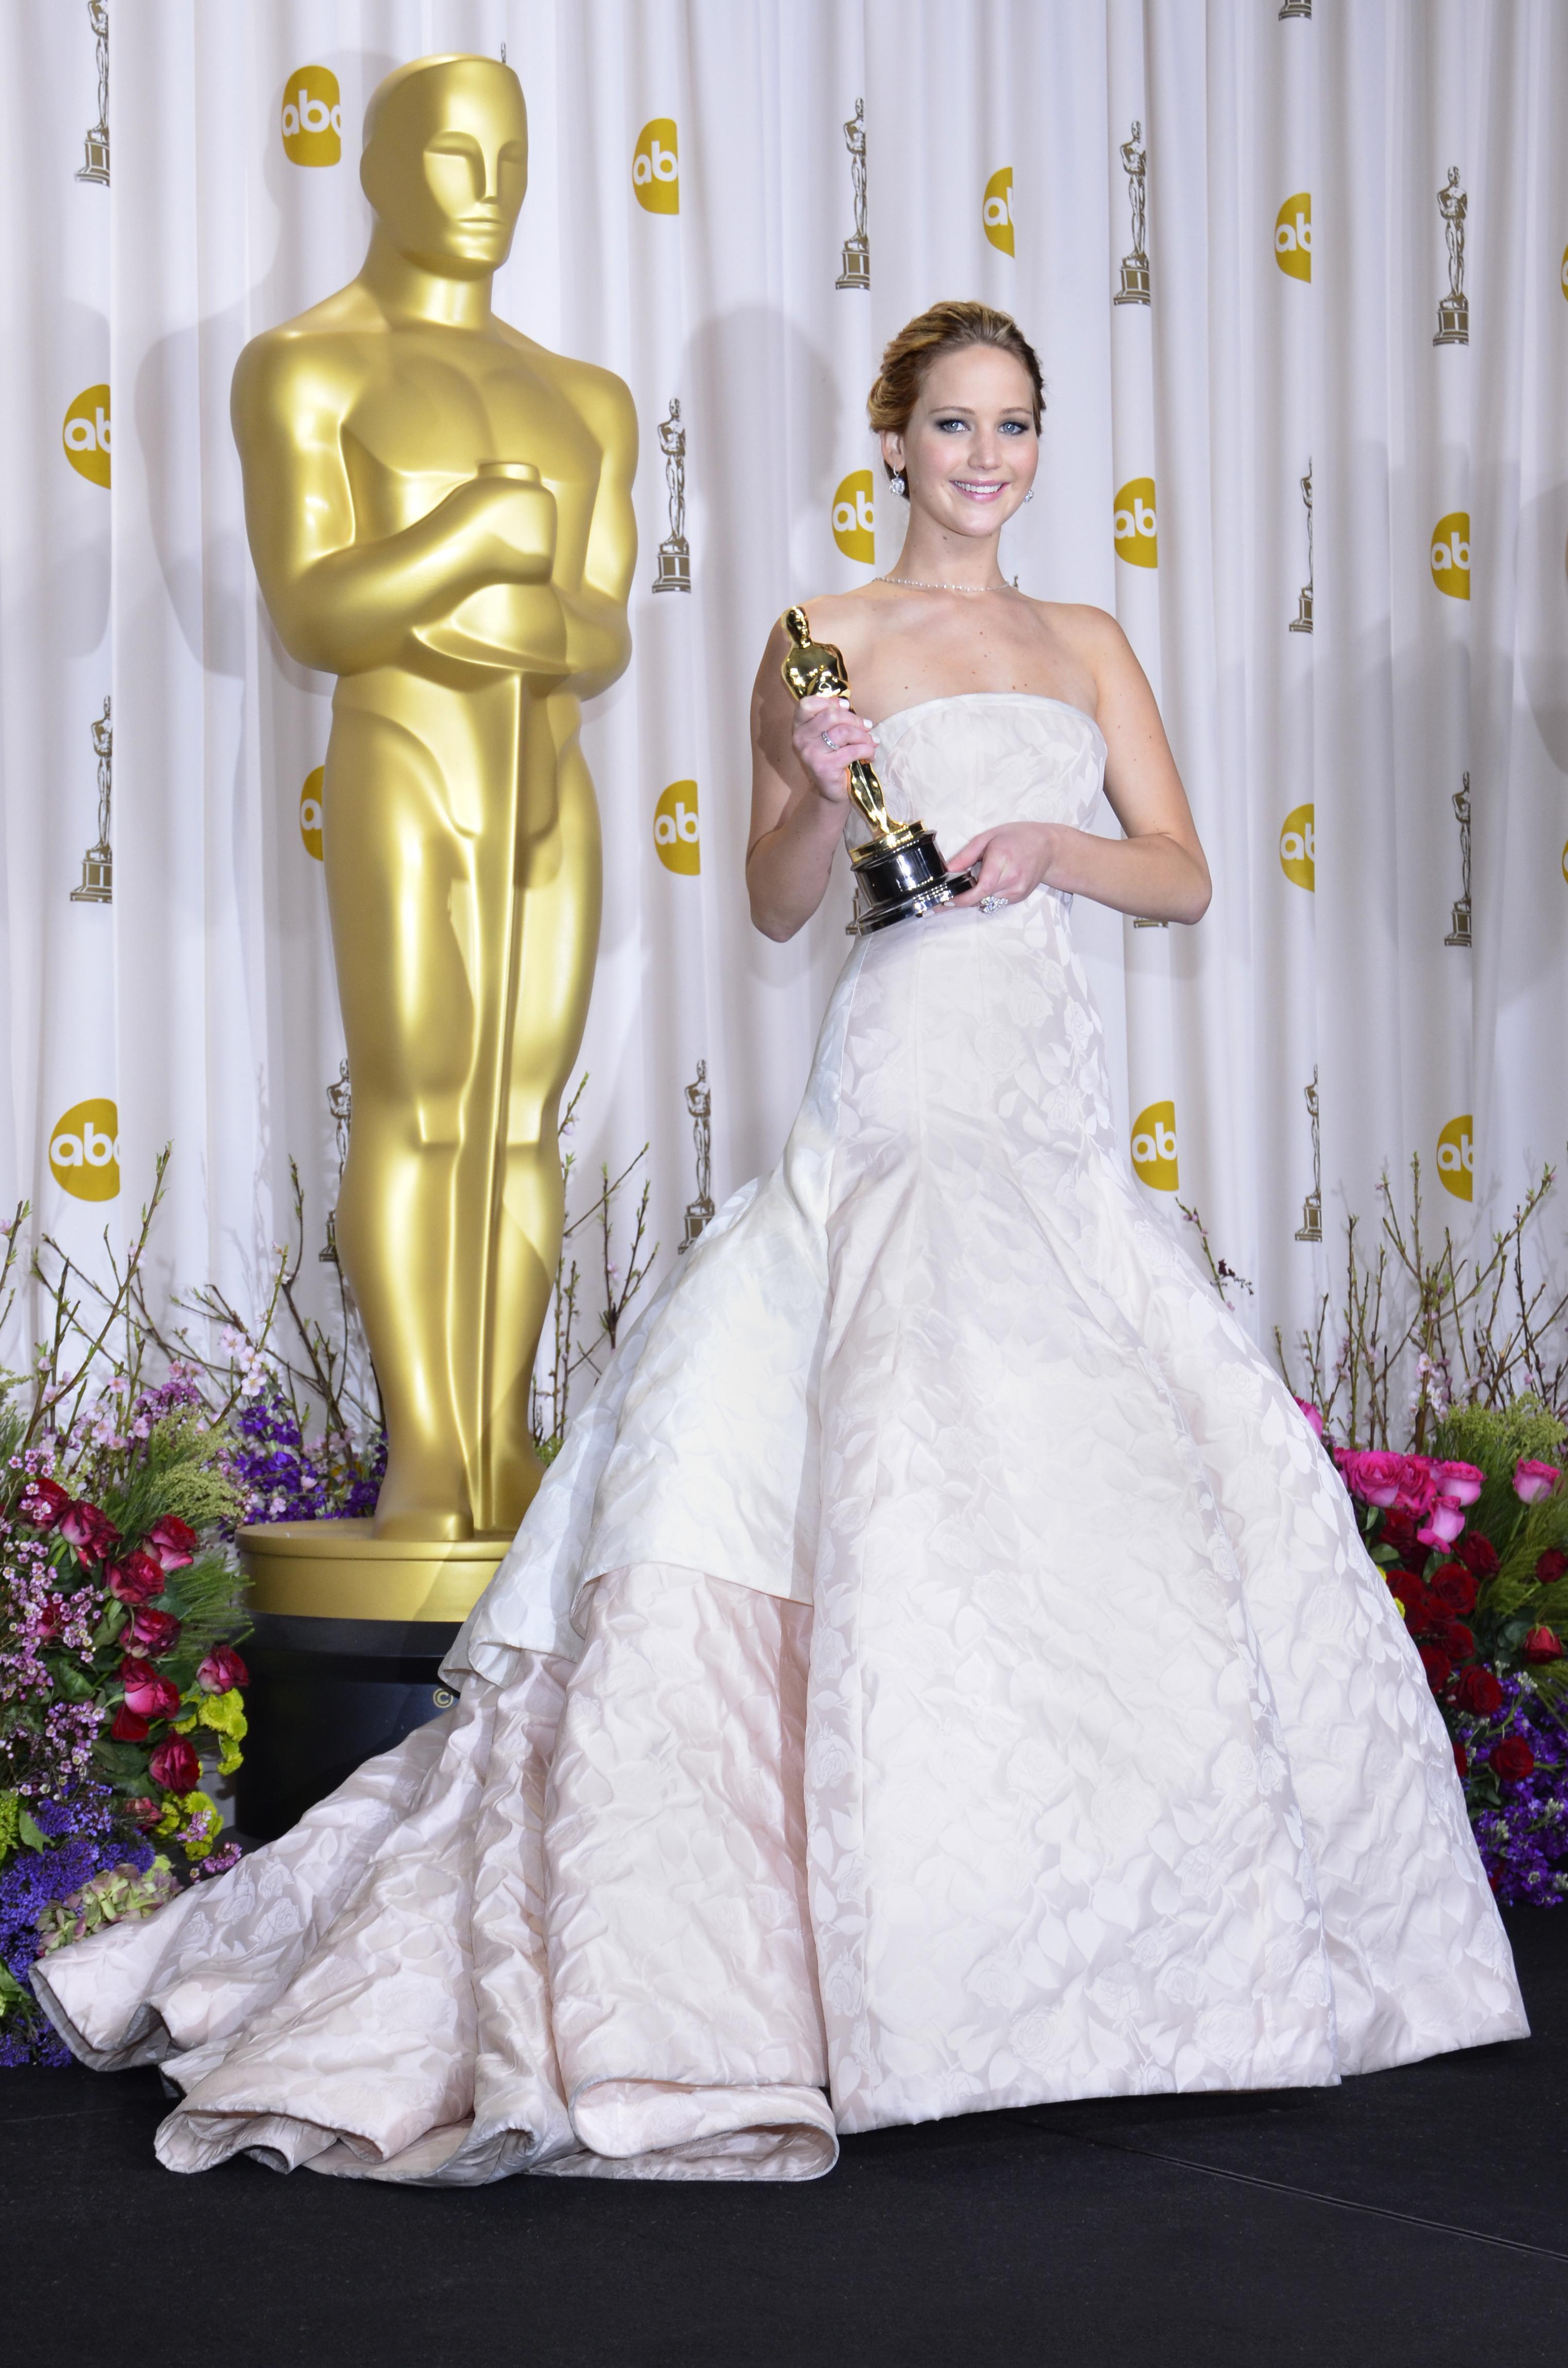 Jennifer Lawrence no tapete vermelho do Oscar 2013. Ela está usando um vestido longo, sem alça, na cor branca, com parte de cima justa e saia volumosa com uma estampa floral também branca e uma textura em alto-relevo. Ela está sorrindo e segurando uma estatueta do Oscar com as duas mãos.